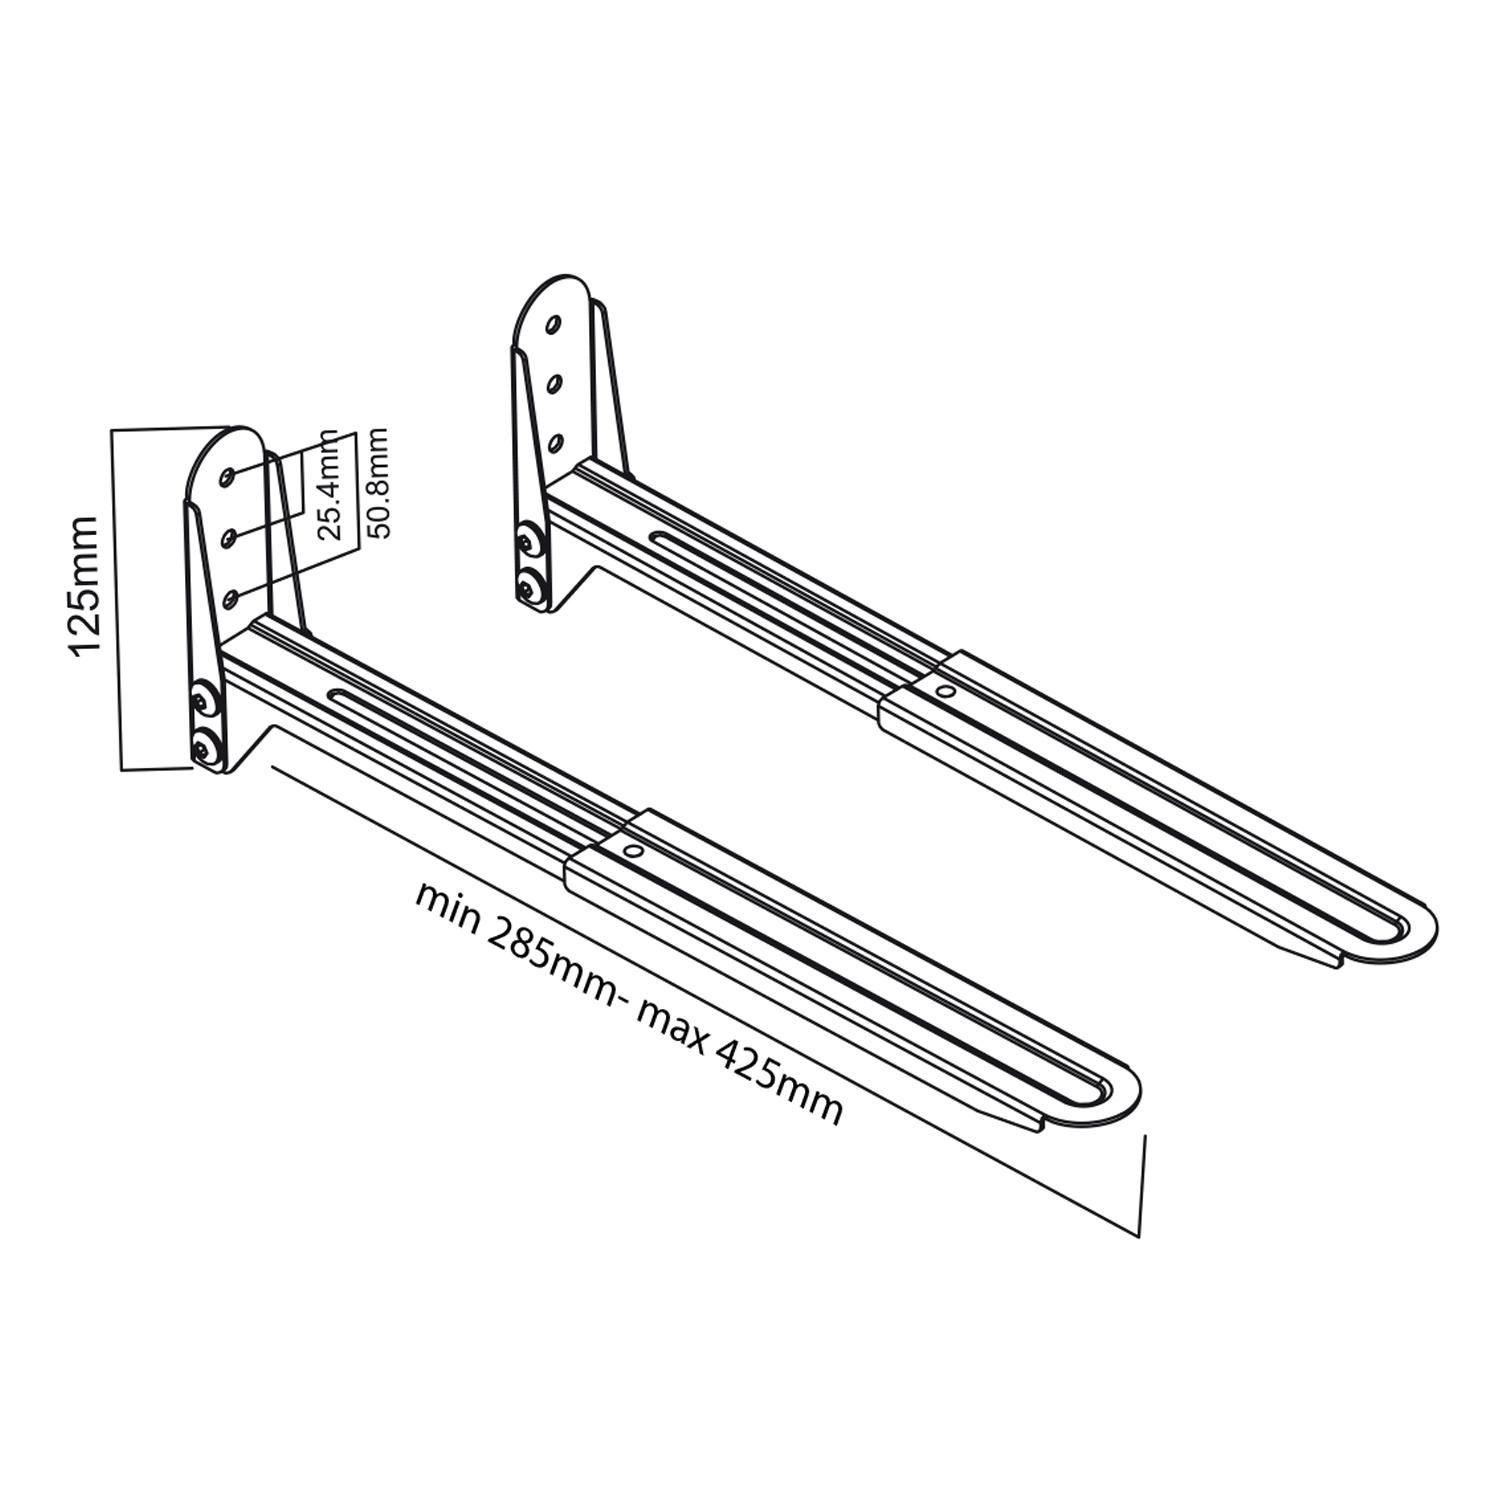 Nástěnný držák / délkově nastavitelná ramena na uchycení mikrovlnky nebo tiskárny Fiber Mounts M7C76